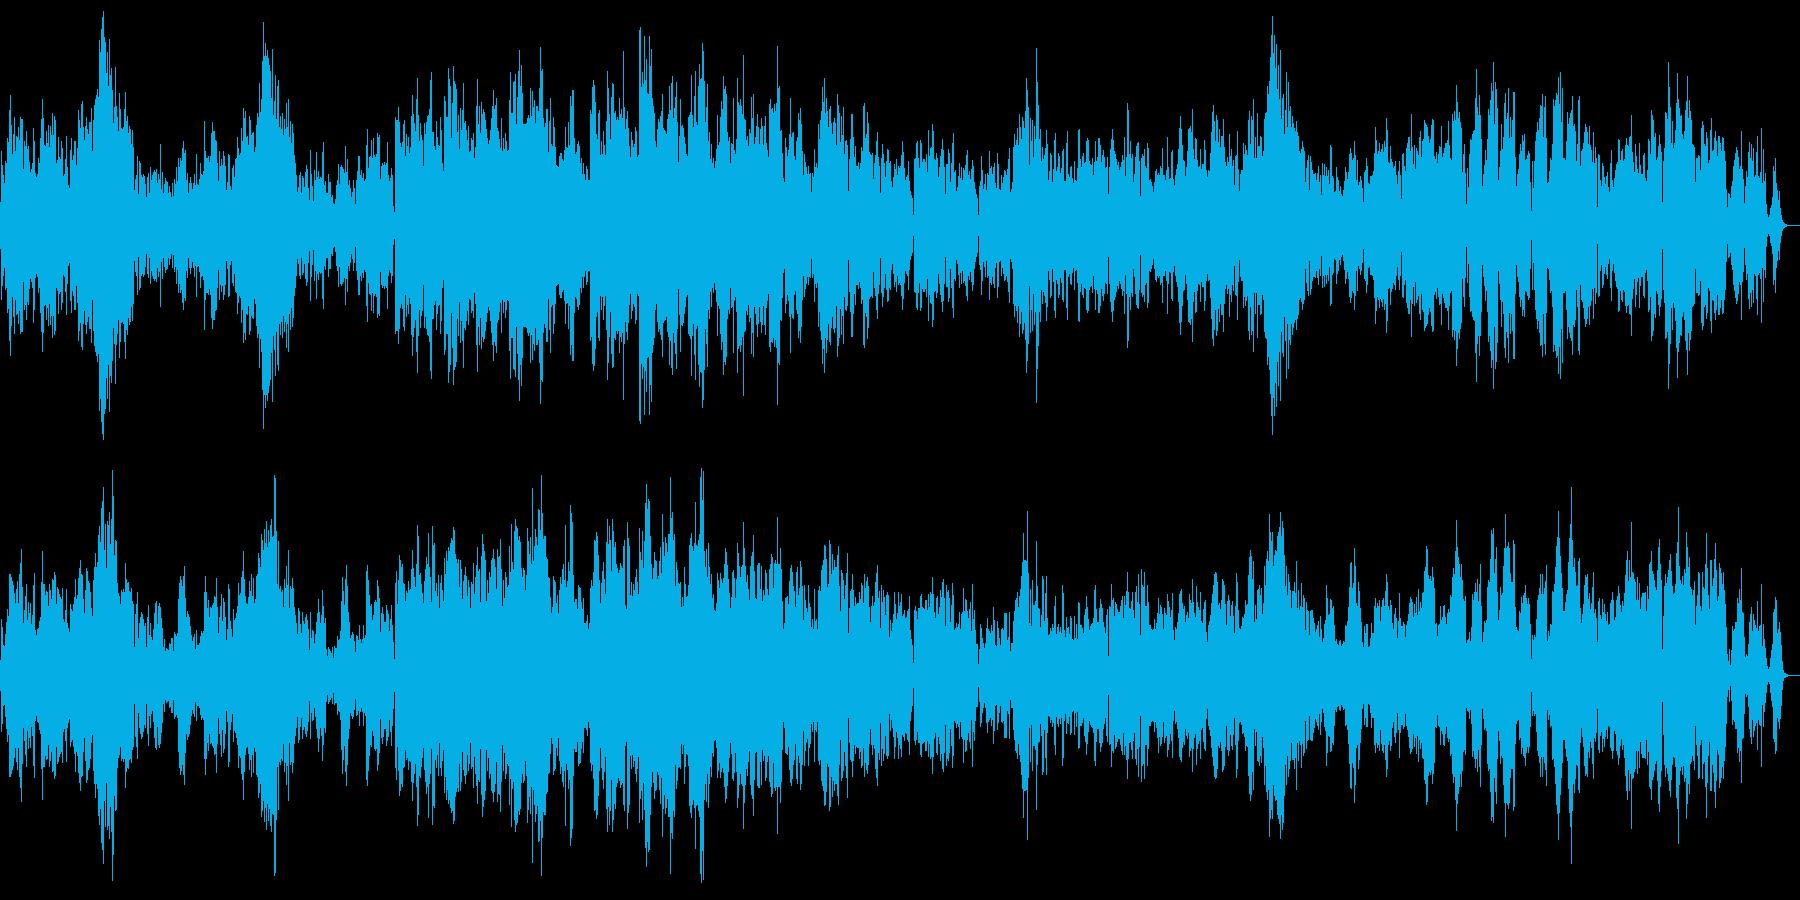 「クープランの墓」から 『フォルラーヌ』の再生済みの波形